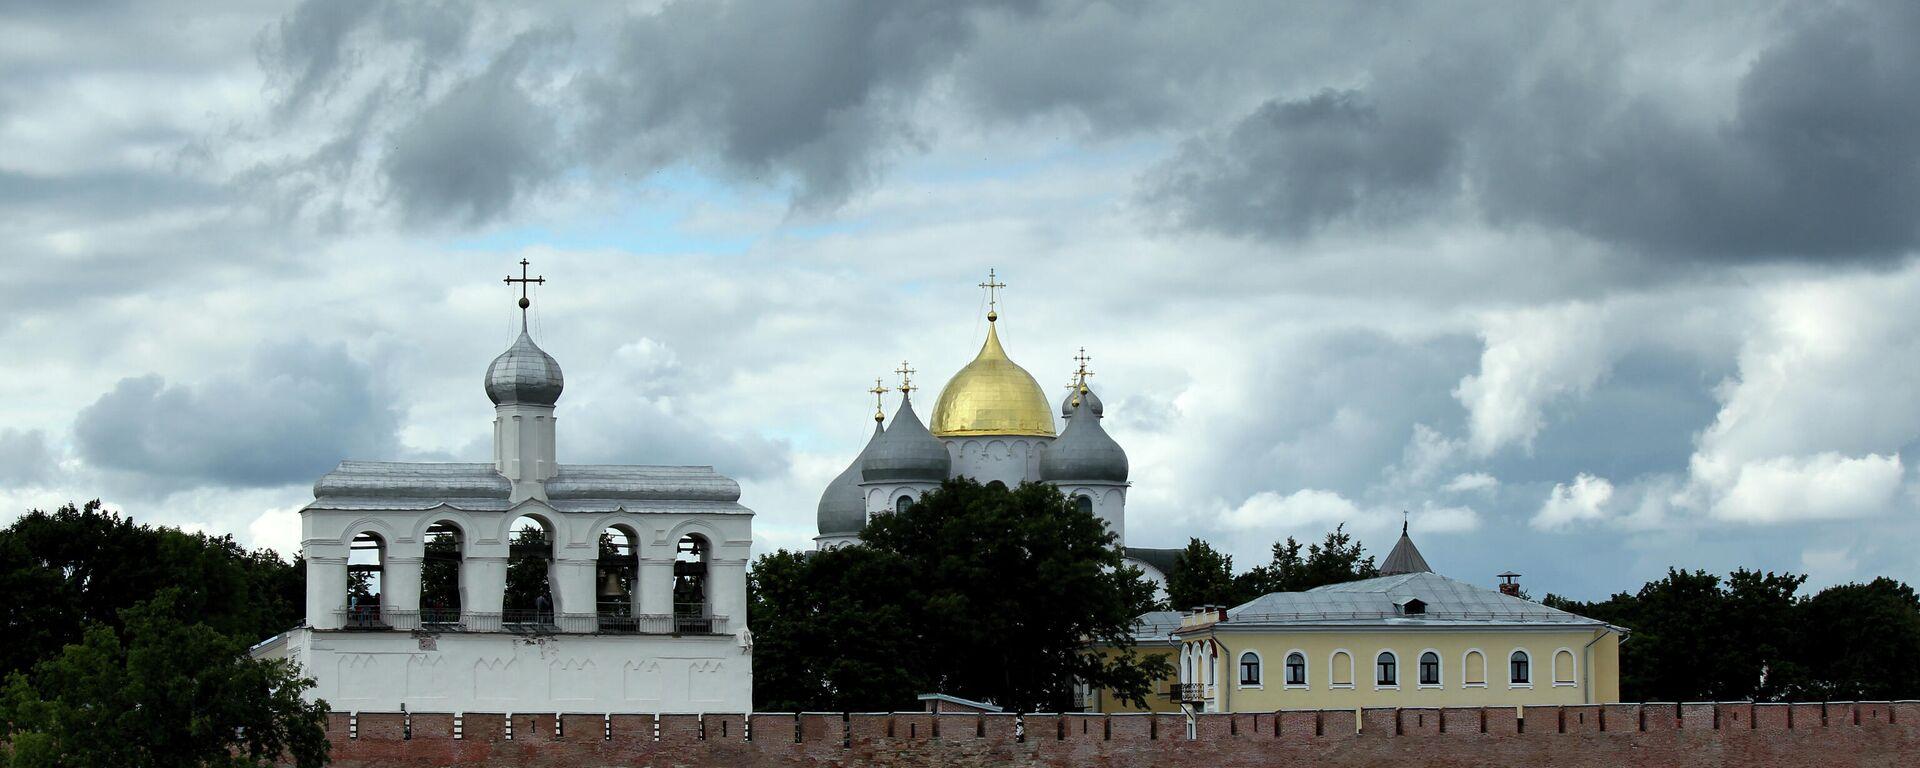 Veliki Novgorod - Sputnik Srbija, 1920, 30.09.2021